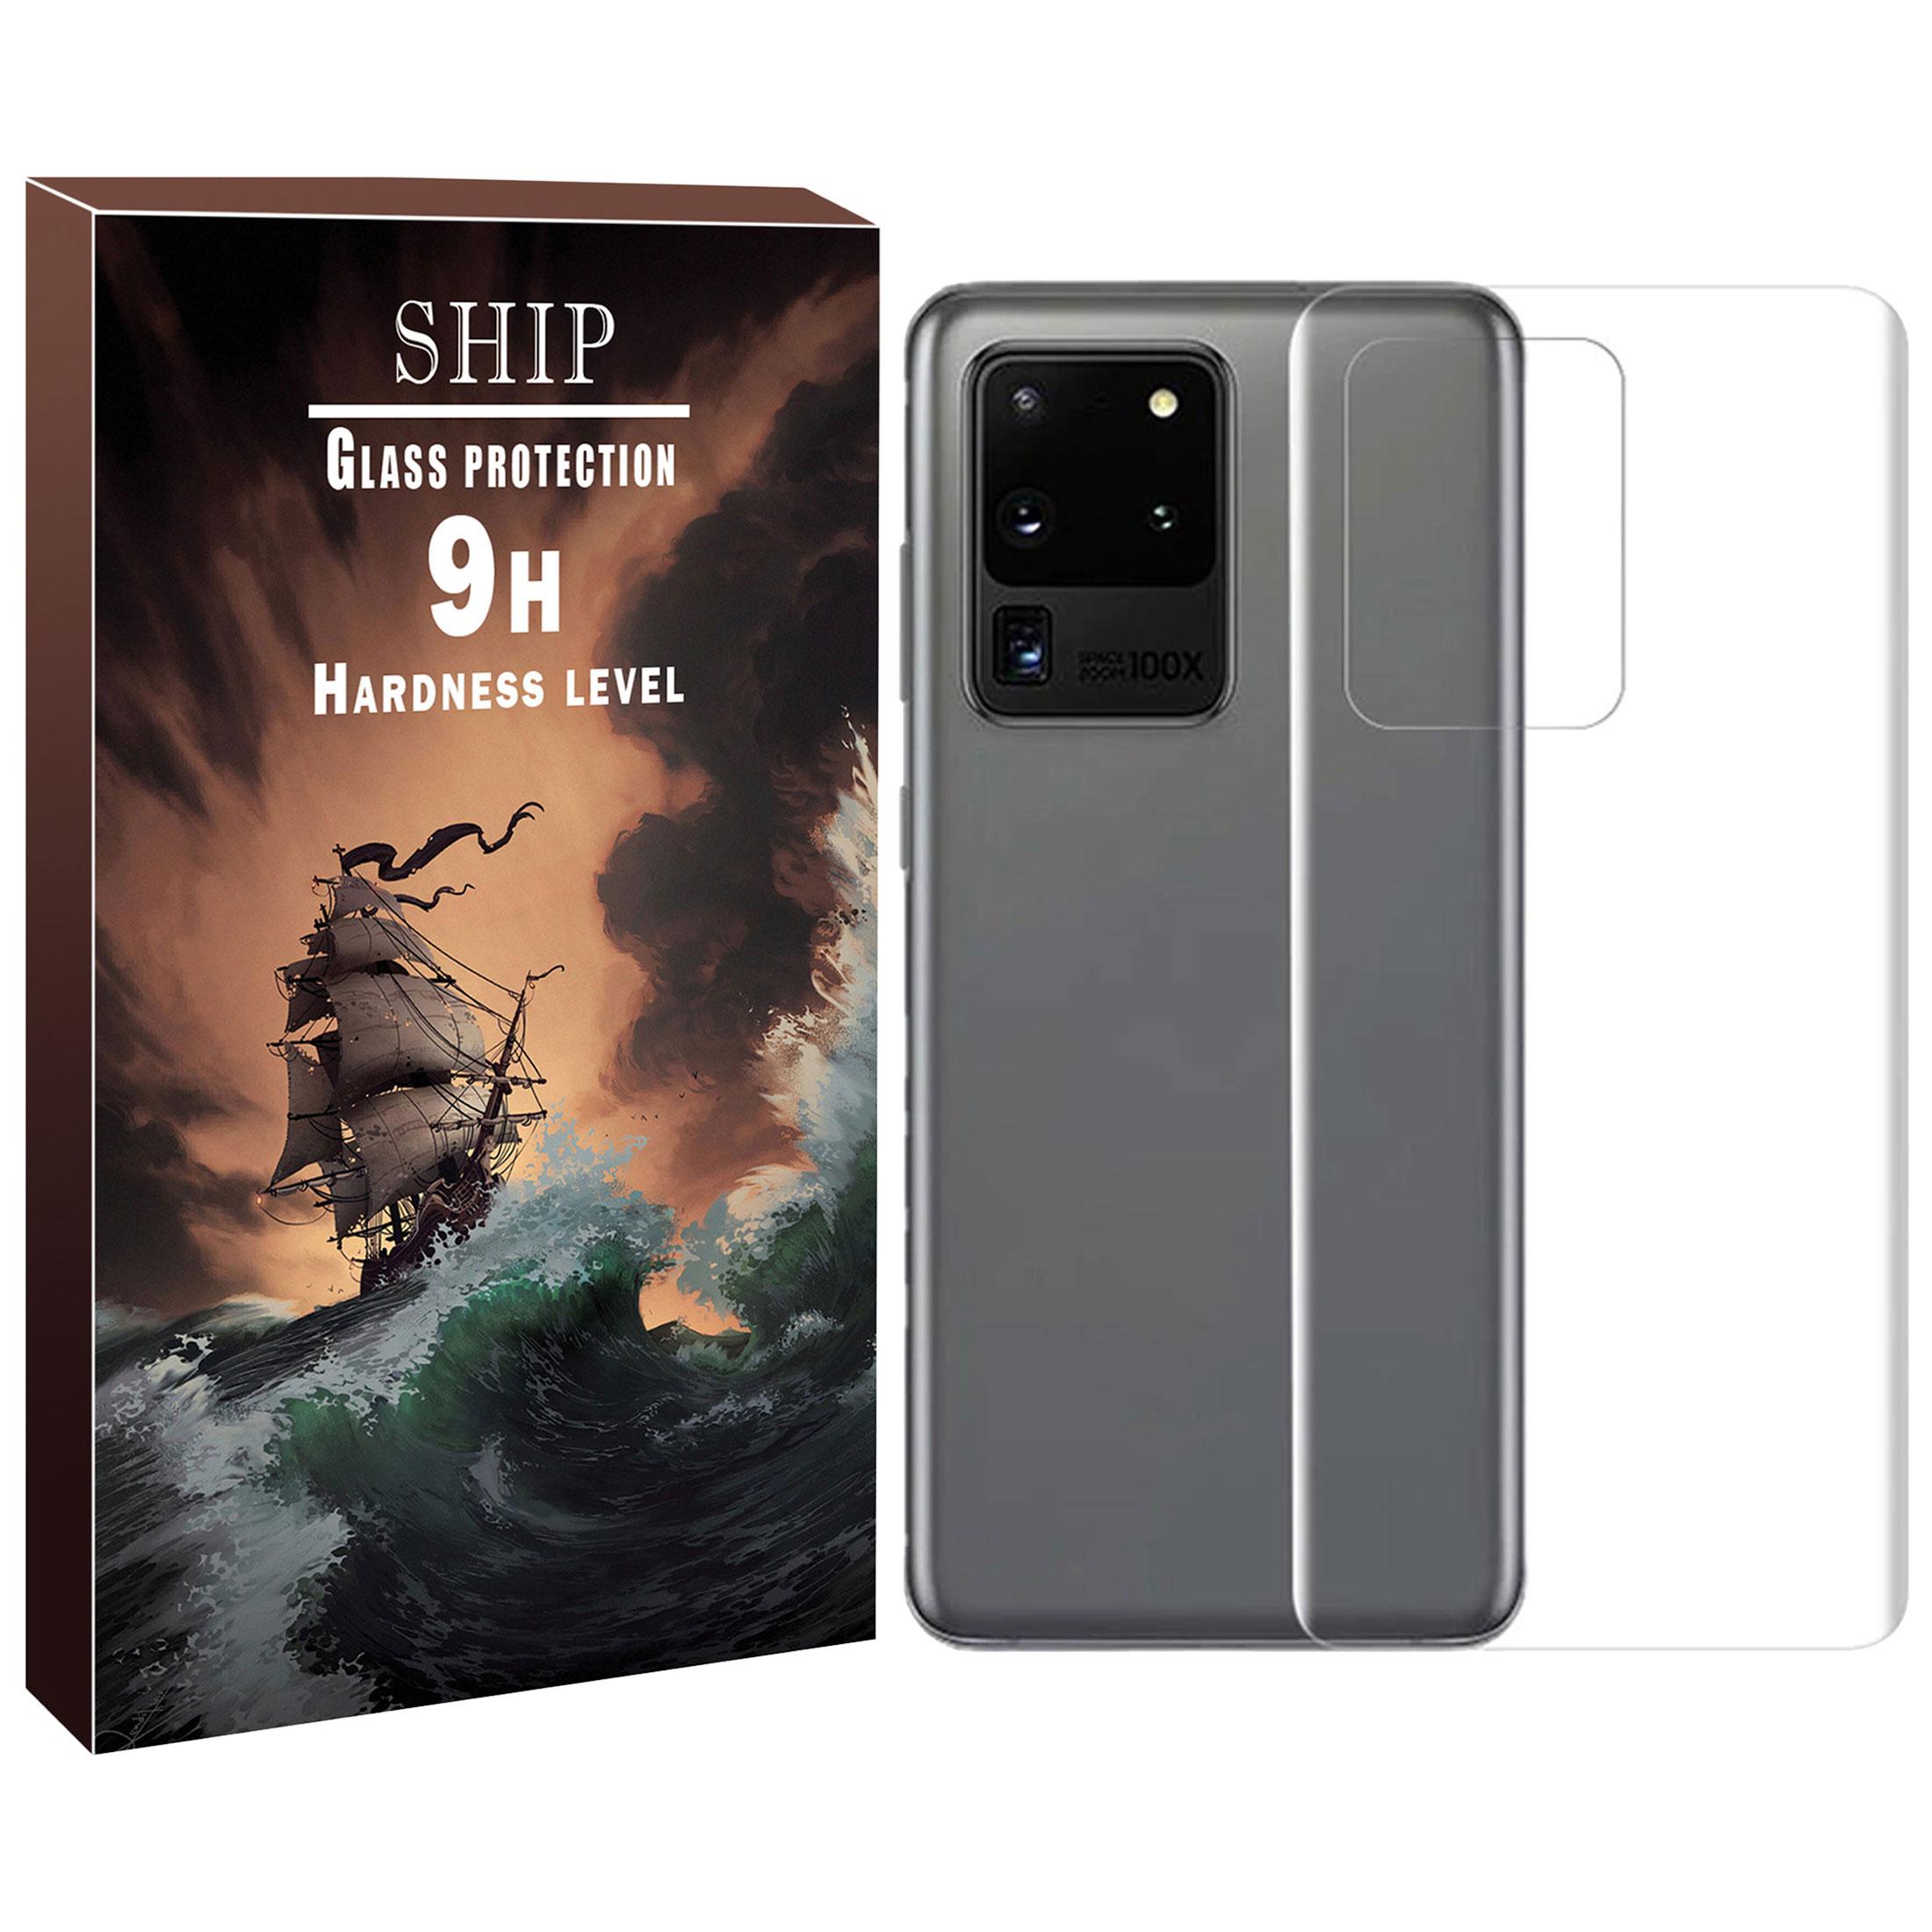 محافظ پشت گوشی شیپ مدل TP-01 مناسب برای گوشی موبایل سامسونگ Galaxy S20 ultra              ( قیمت و خرید)